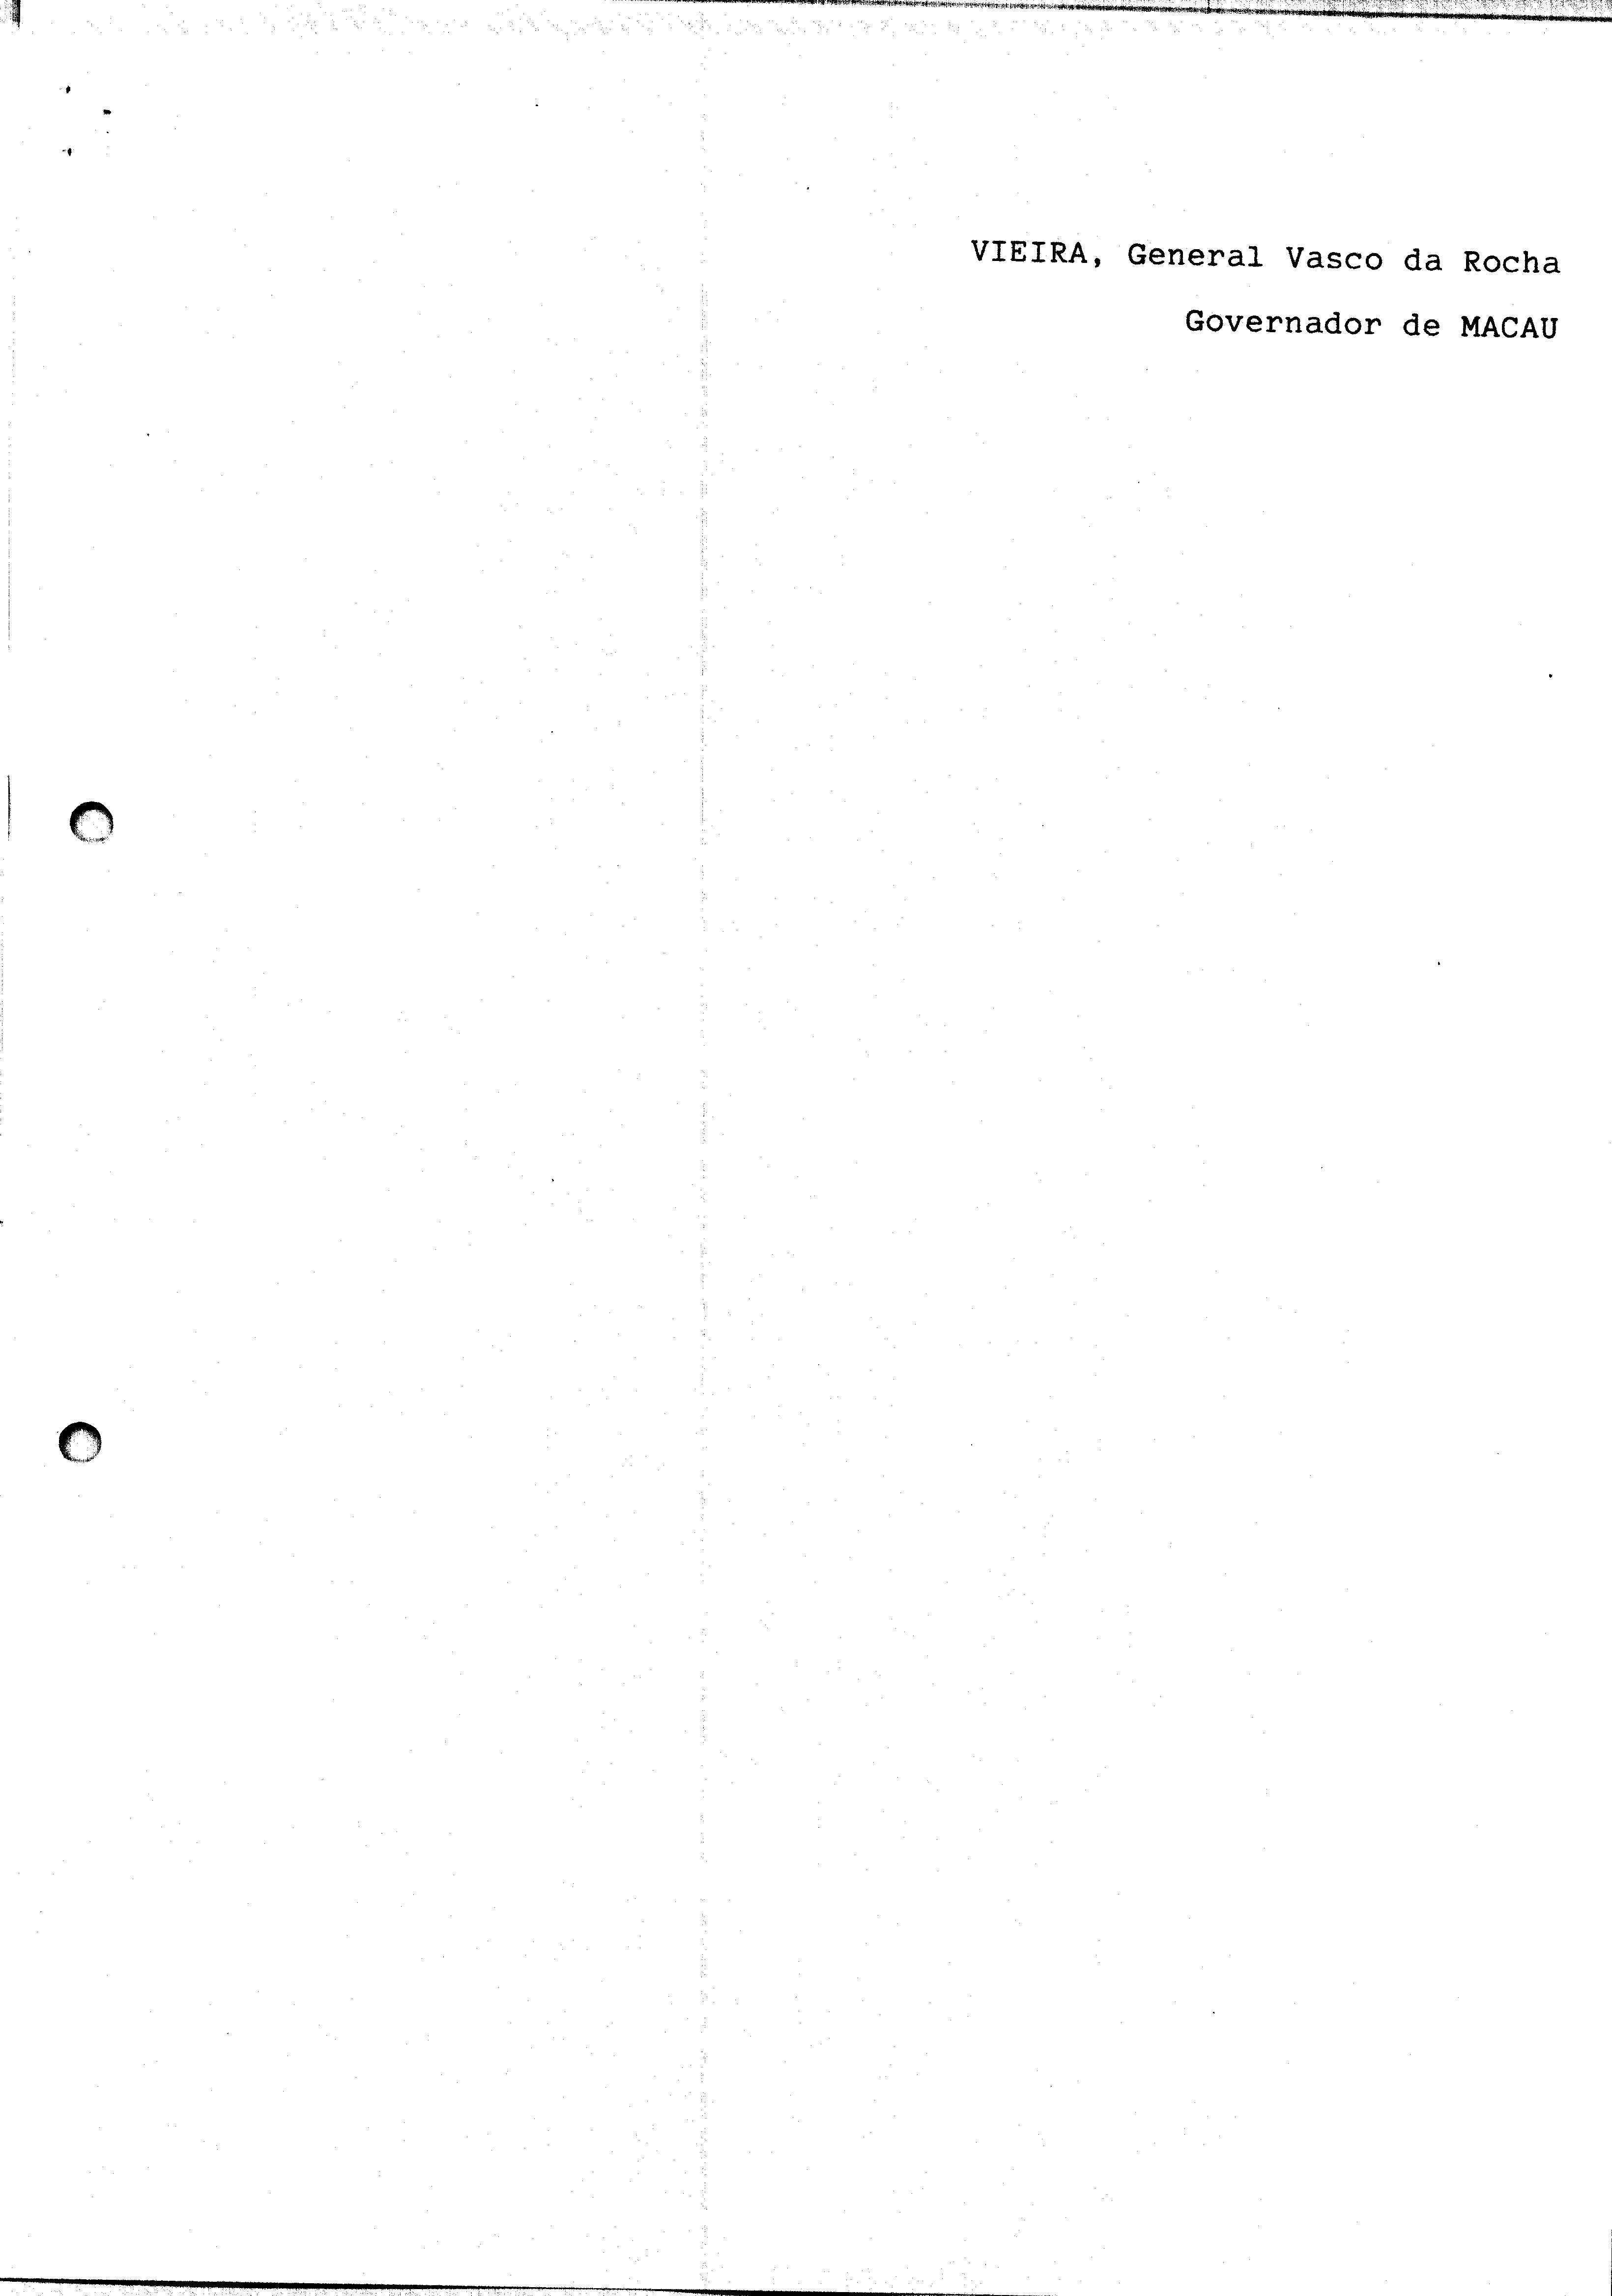 01895.040- pag.1